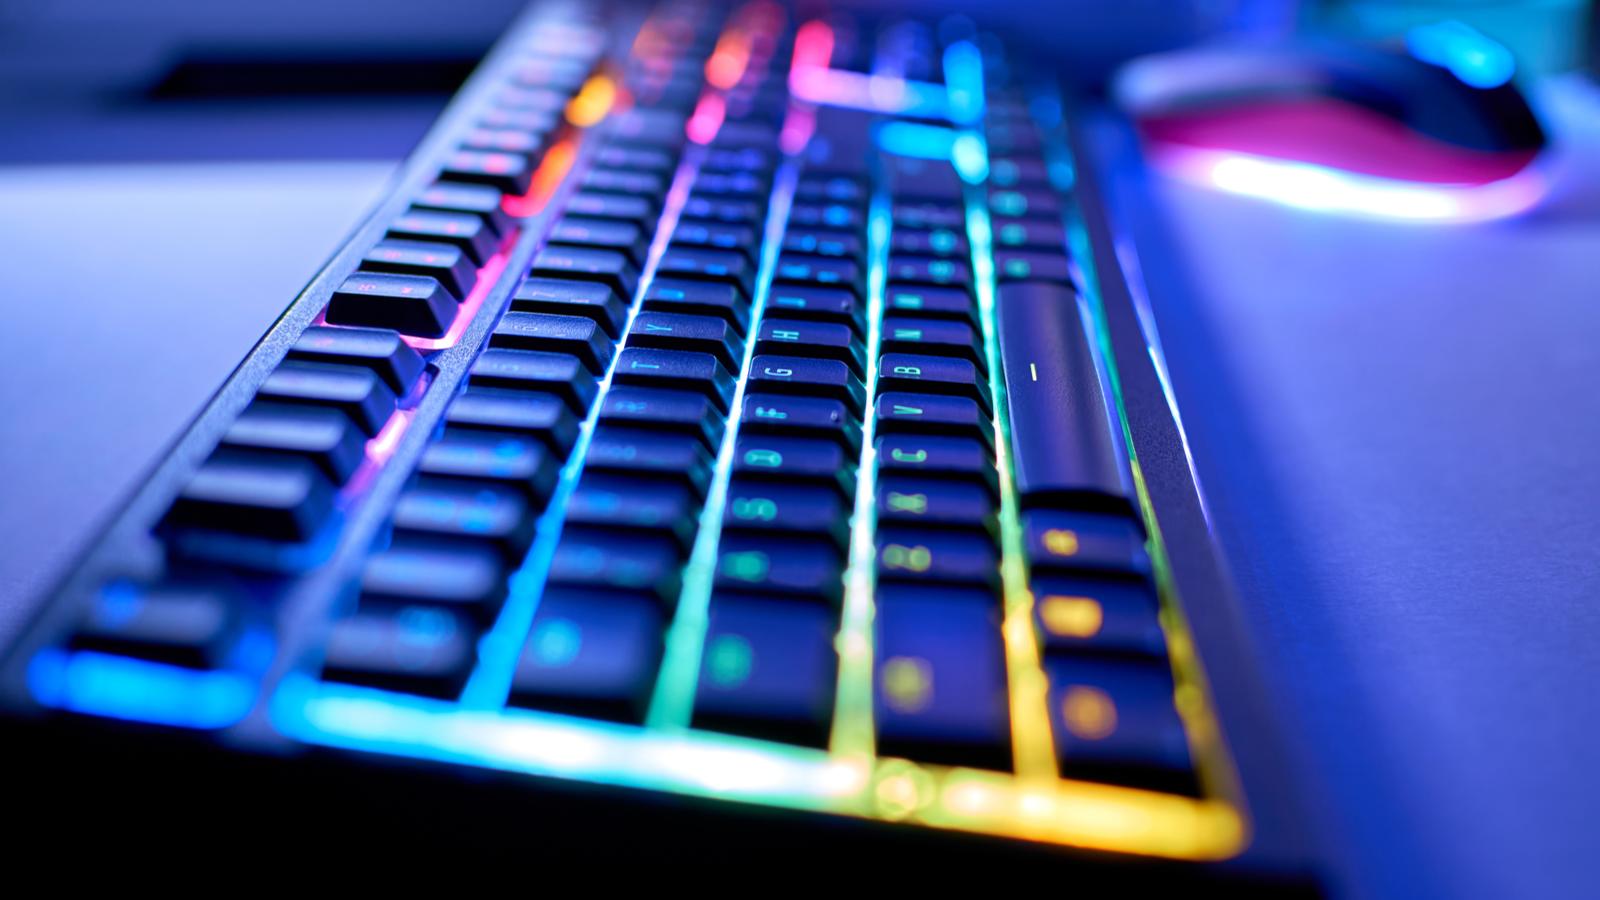 Игровая клавиатура со светодиодной подсветкой RGB, размытый фон, выборочный фокус, боке